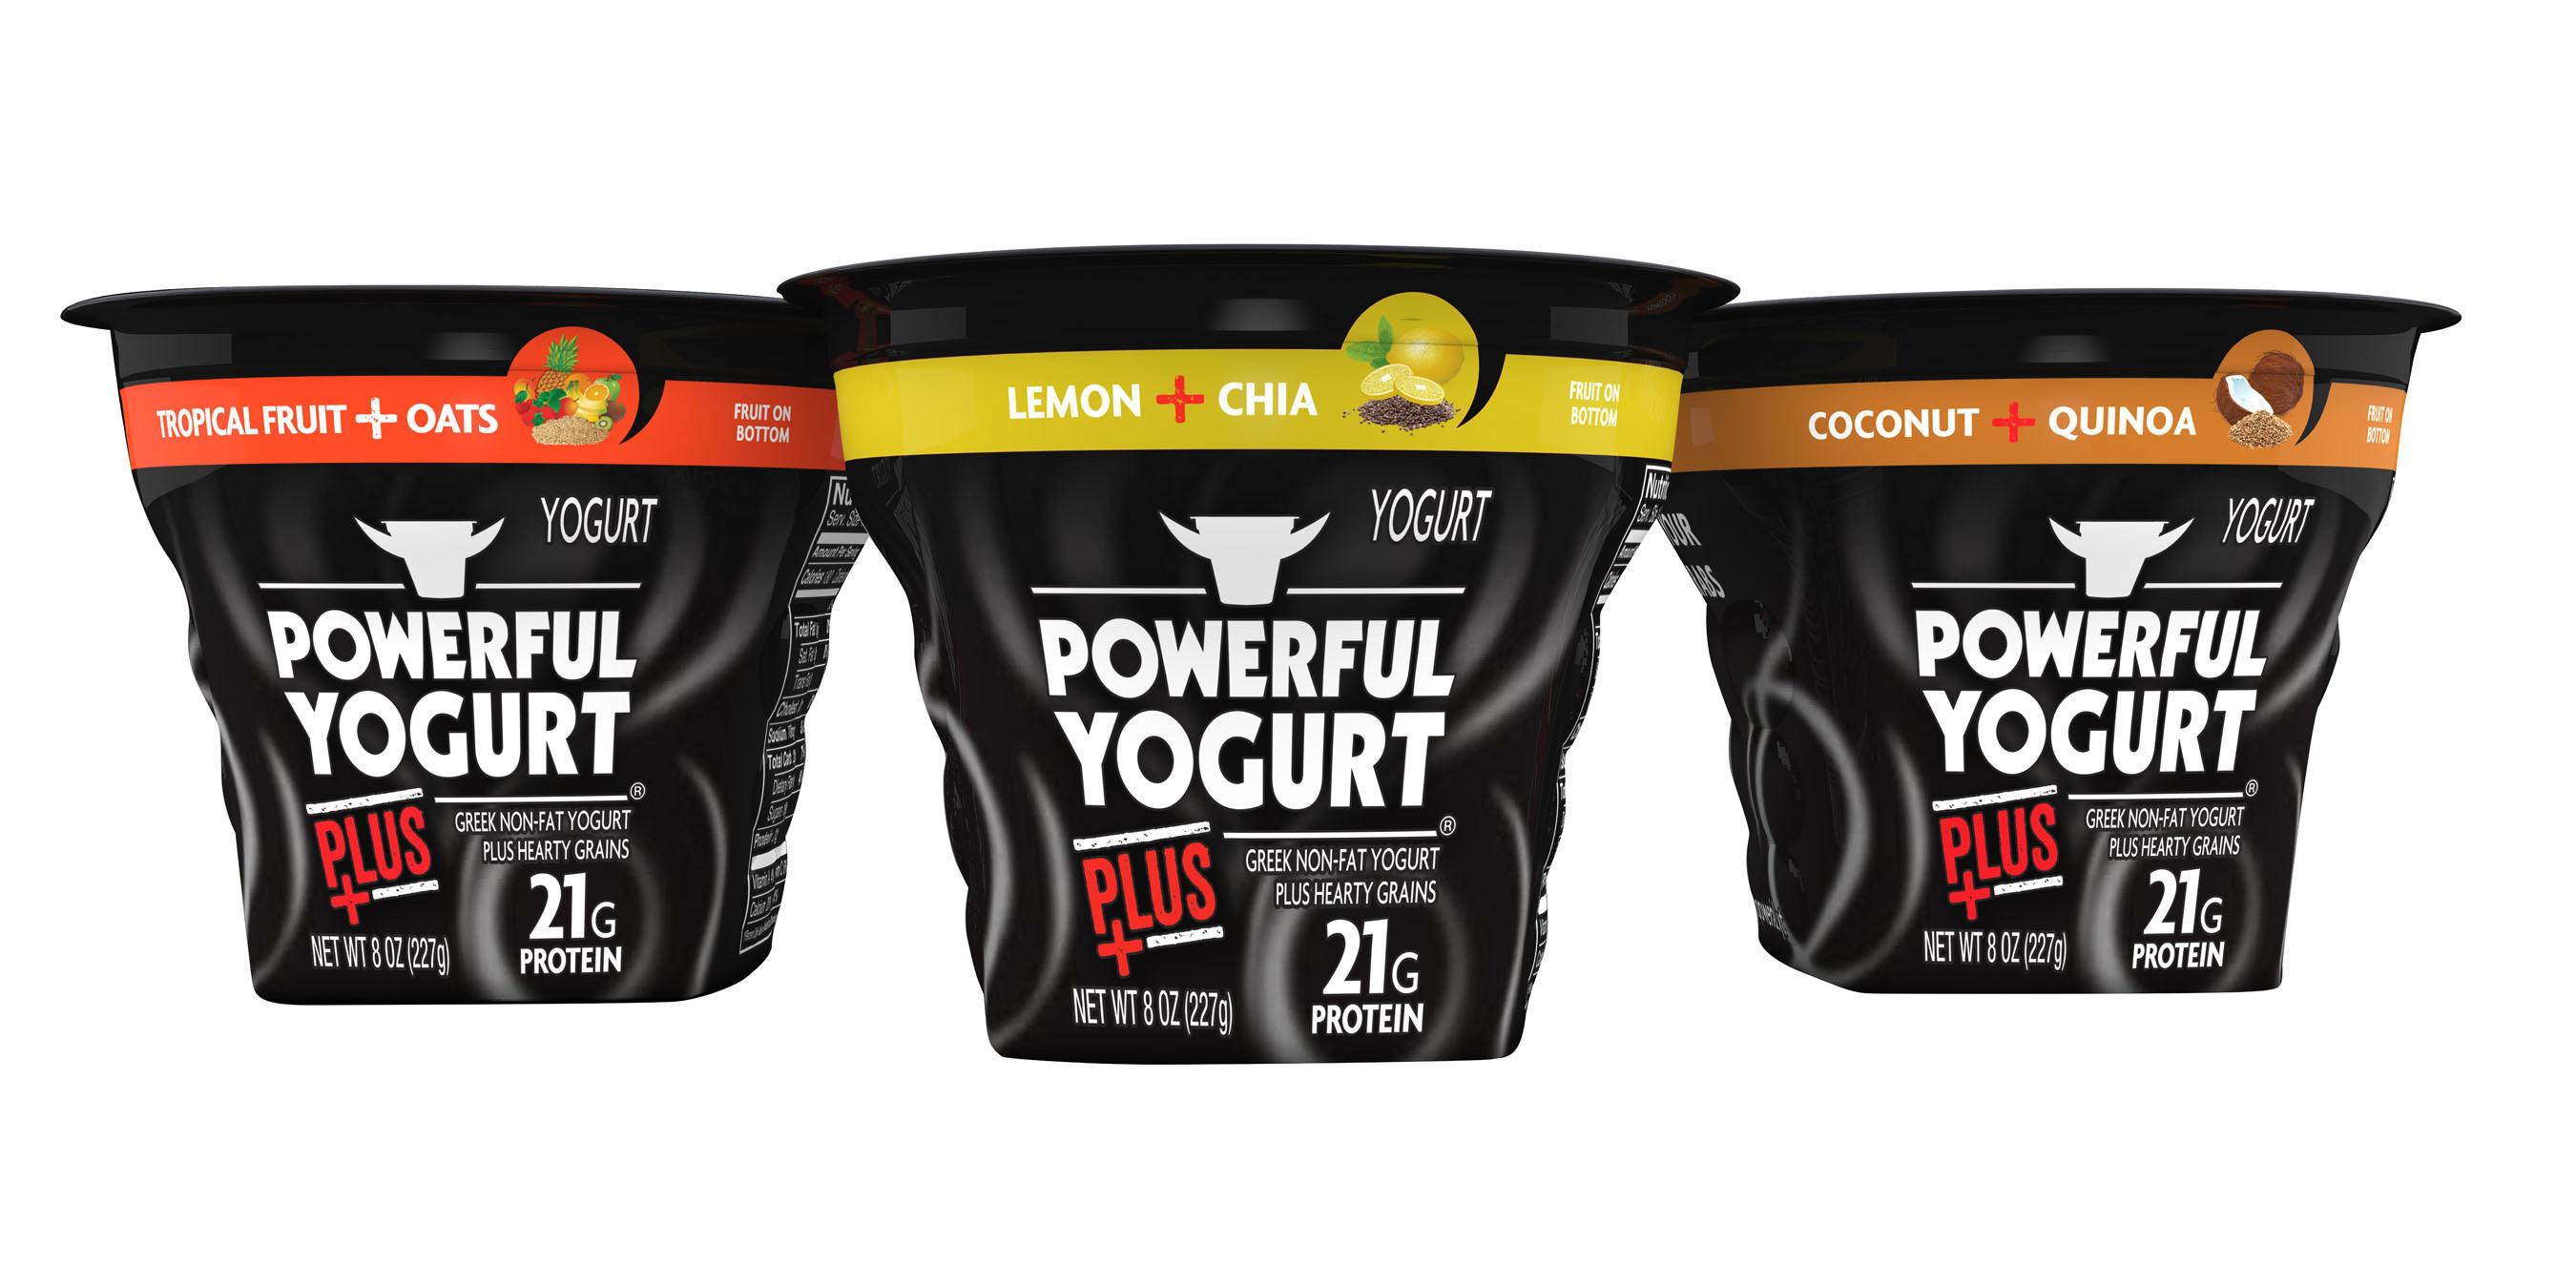 Powerful Yogurt Plus.  (PRNewsFoto/Powerful Yogurt)